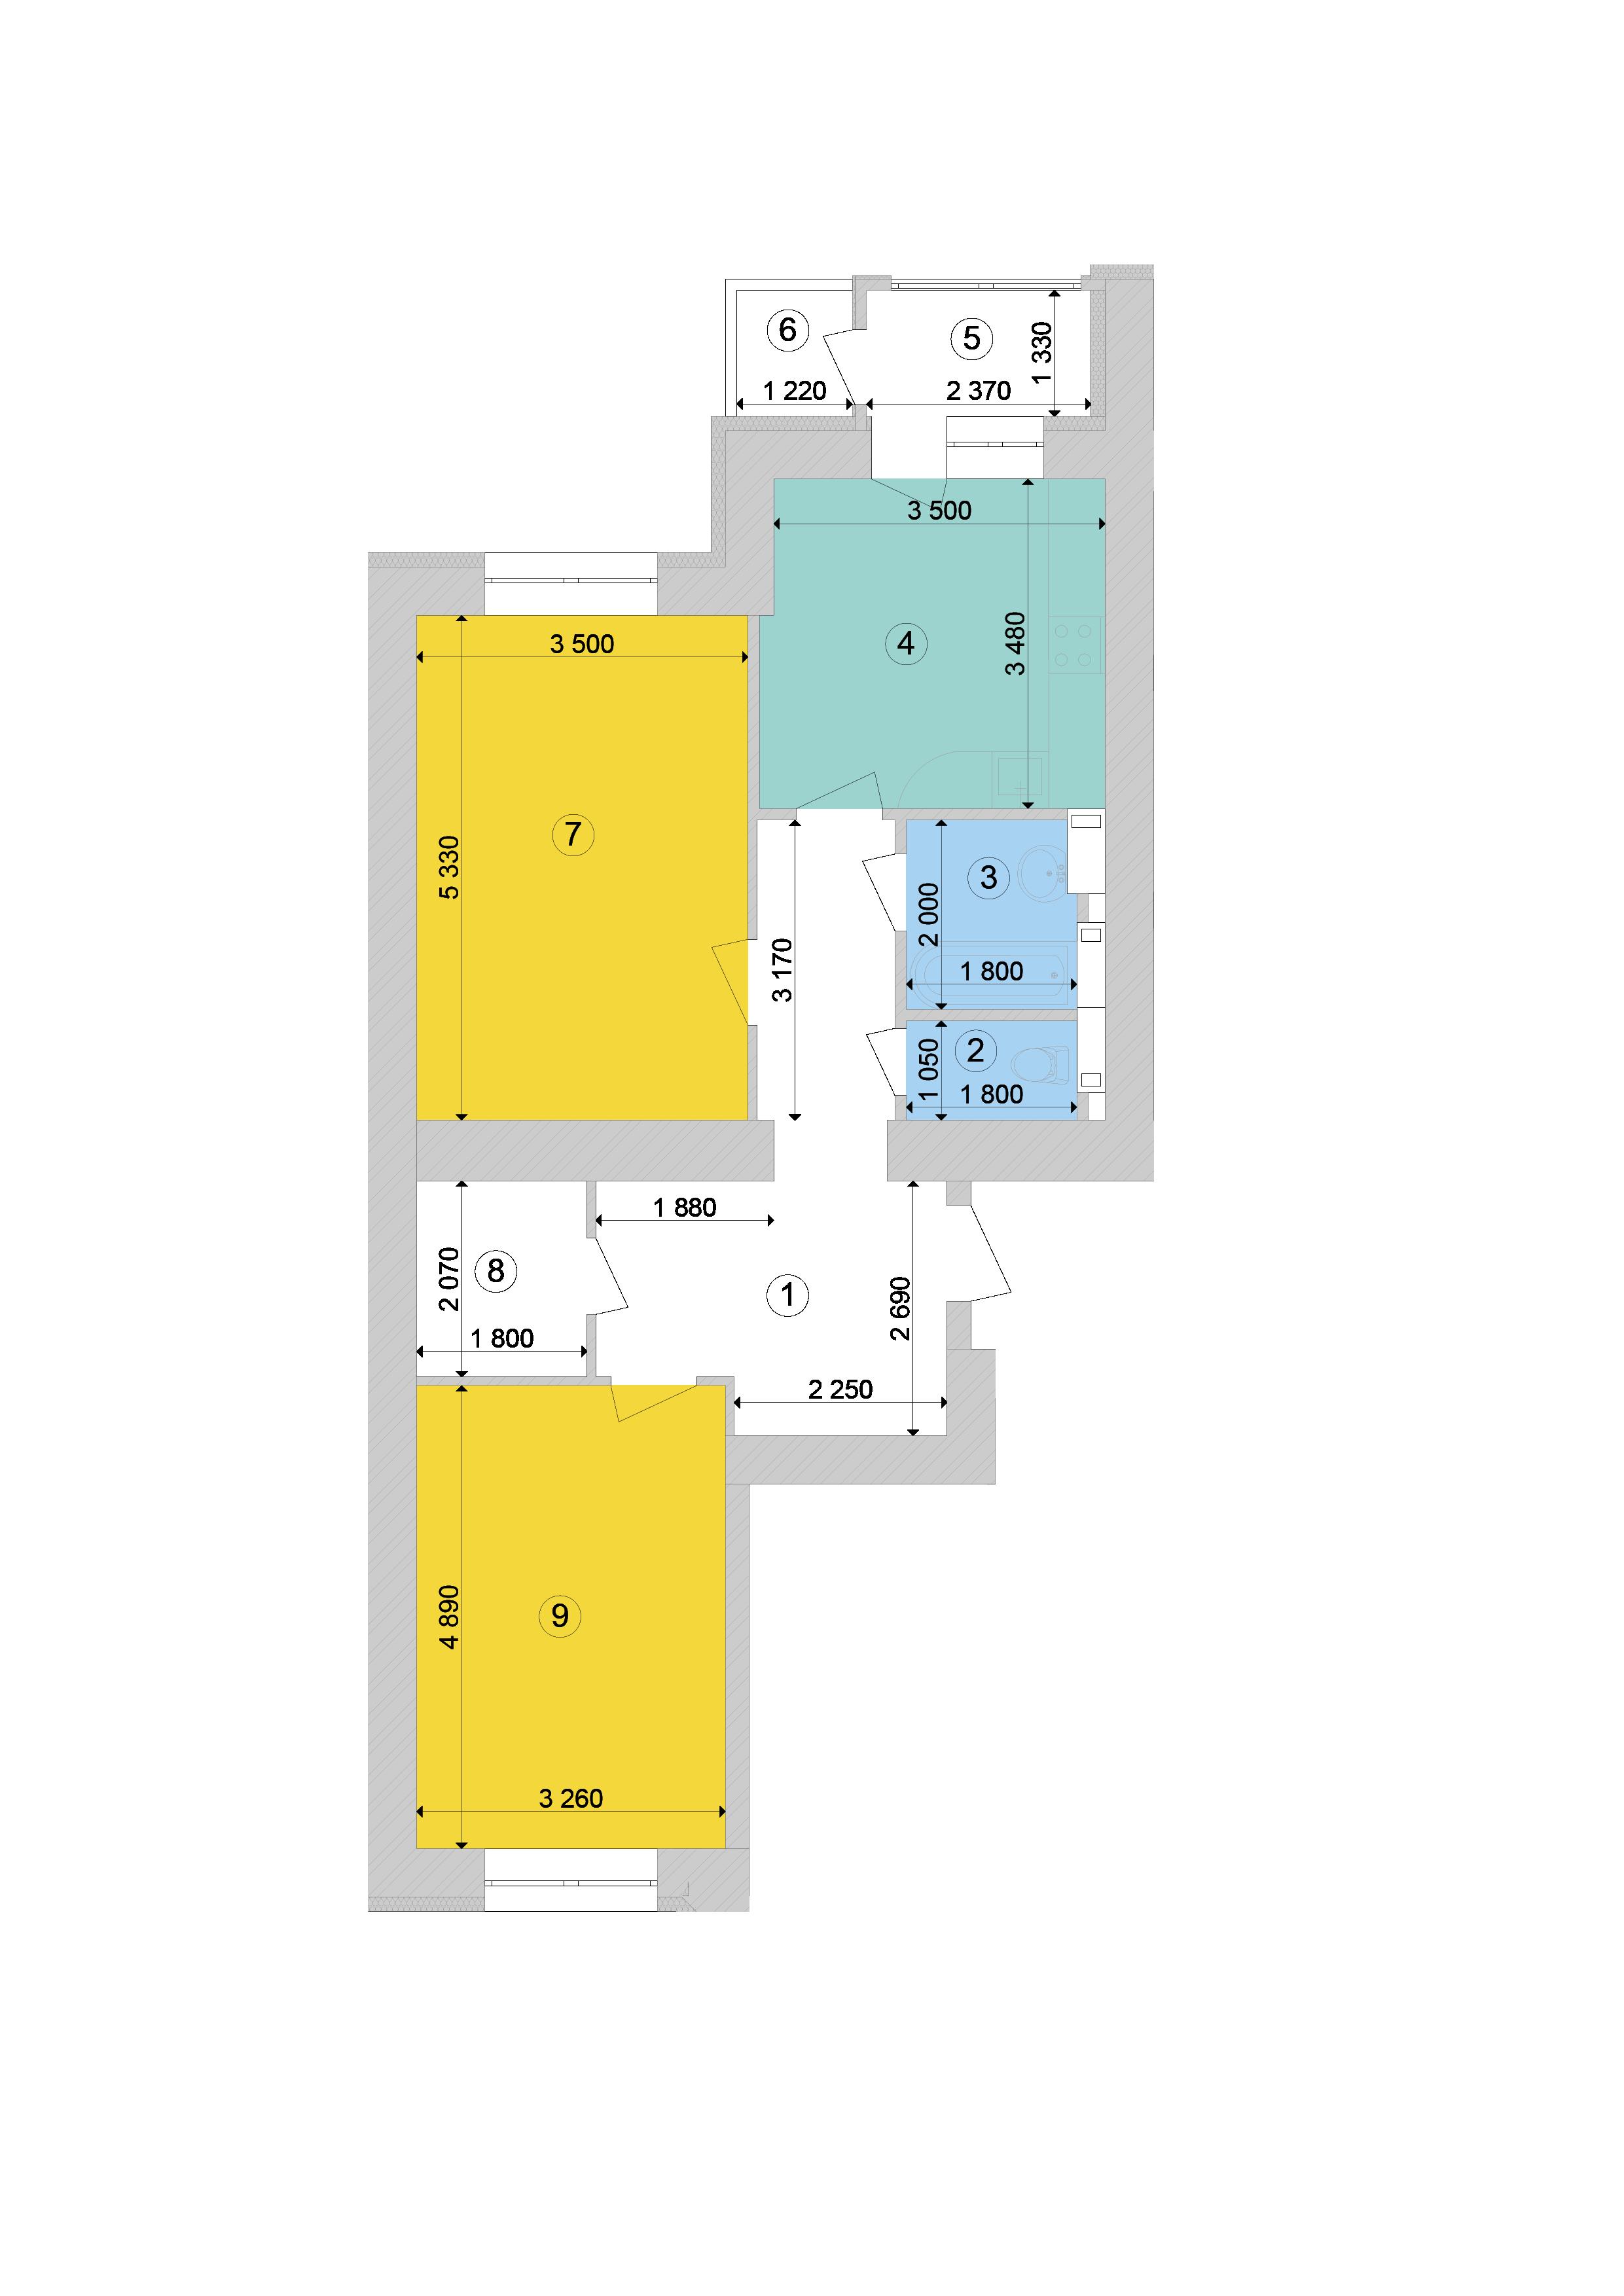 Купити Двокімнатна квартира 72.28 кв.м., тип 2.4, будинок 1, секція 8 в Києві Голосіївський район